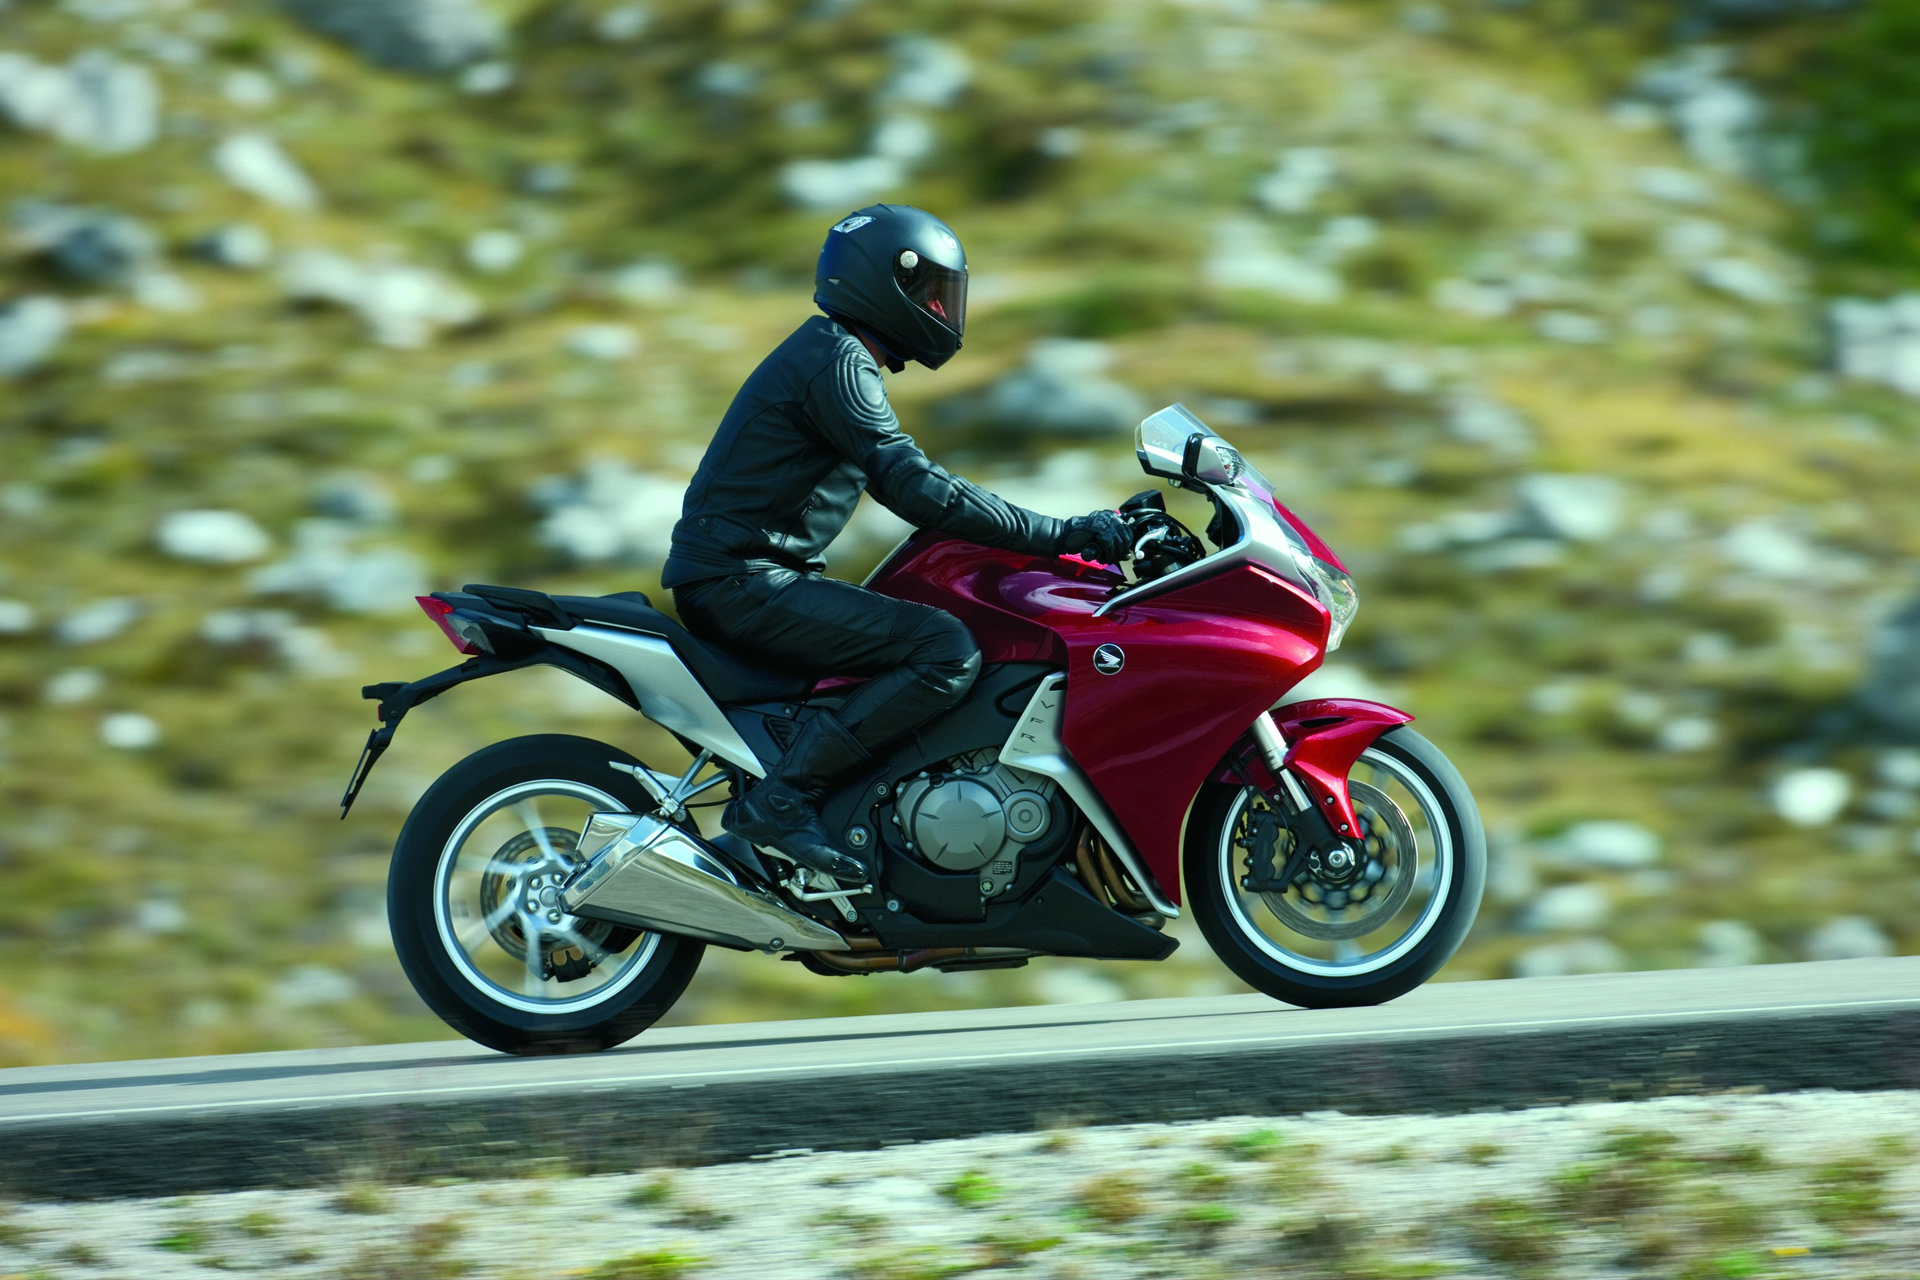 тоненькая изящная, фото элегантный мотоциклист случаи требуют